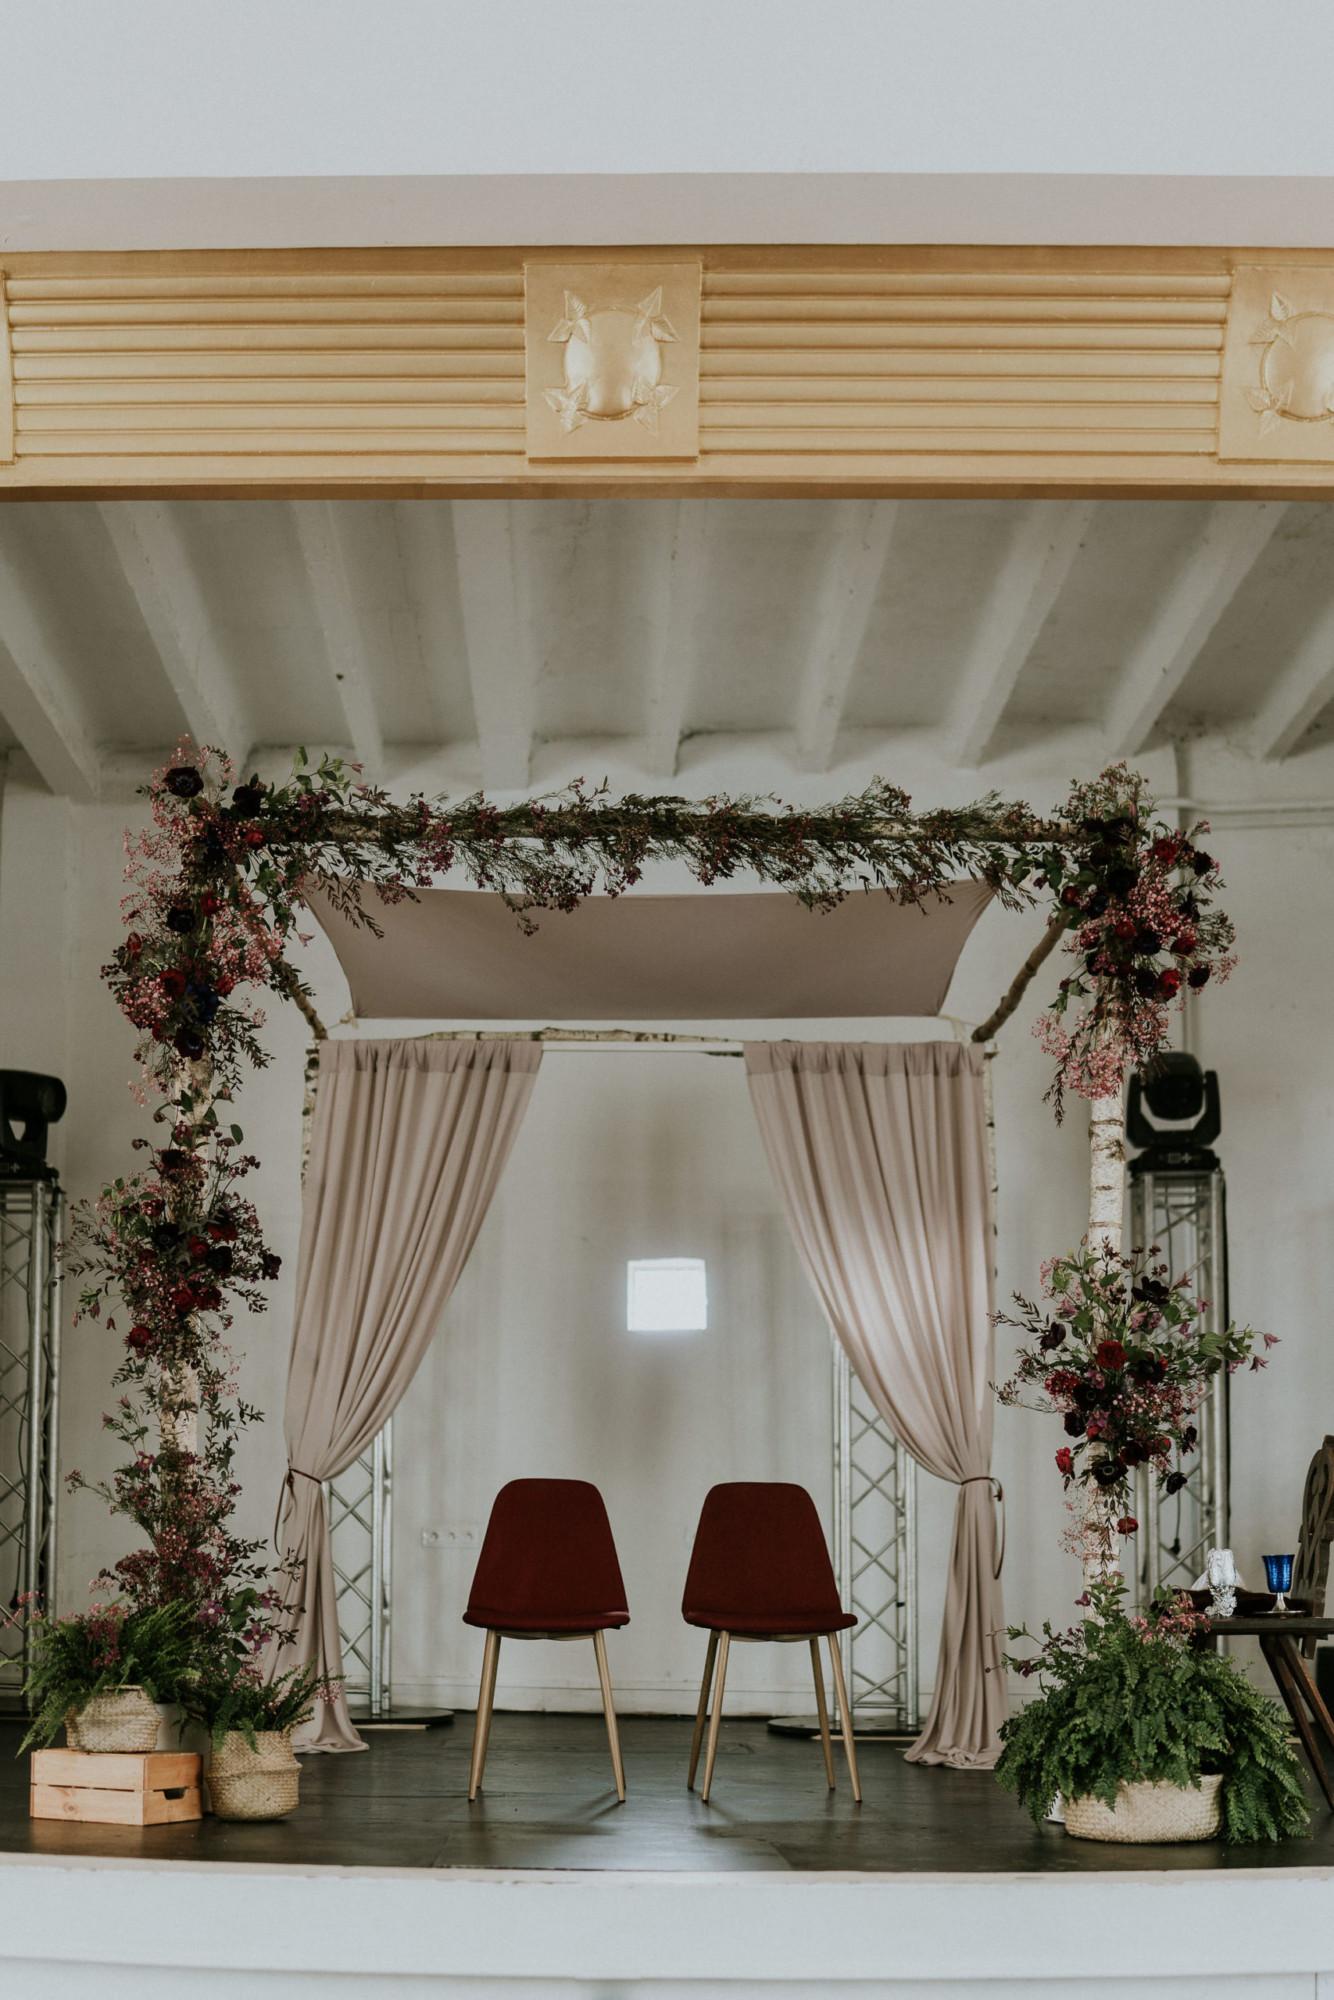 Fleuriste mariage, design floral, mariage à paris, décoratrice paris, mariage sur les toits de paris, red velvet, rouge velours, mariage , houppa